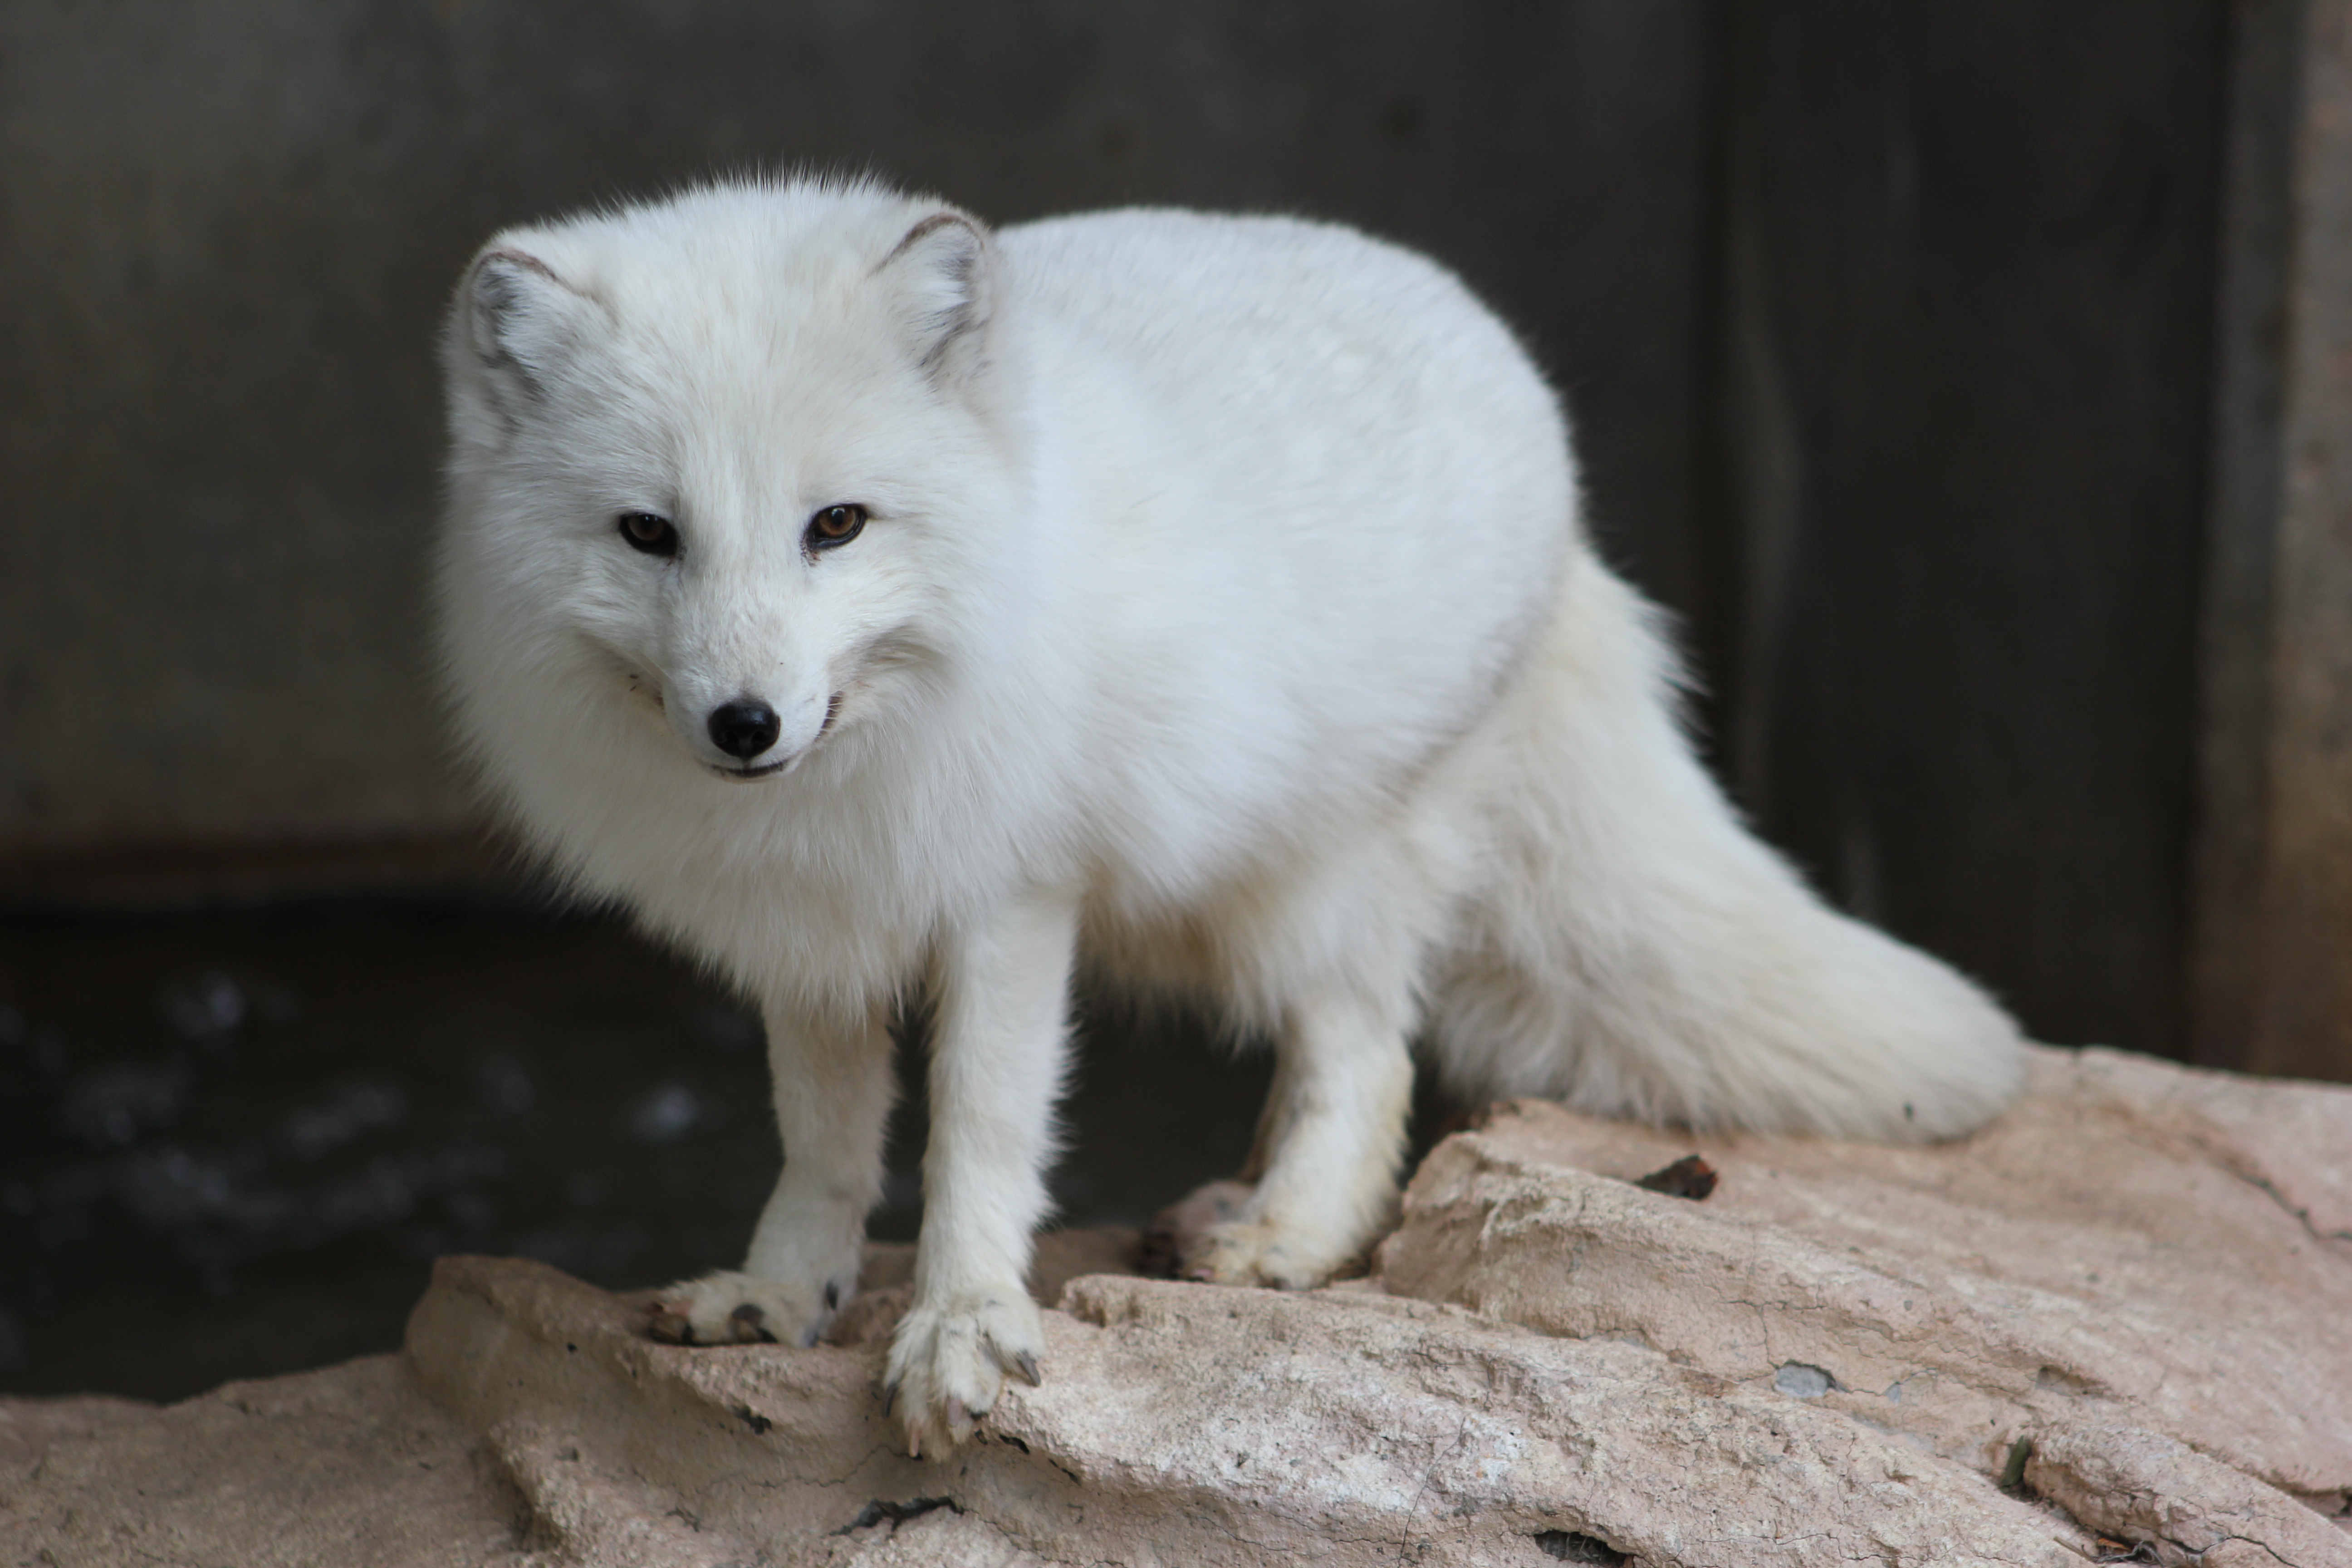 Песец: фото, описание, места обитания, образ жизни животного